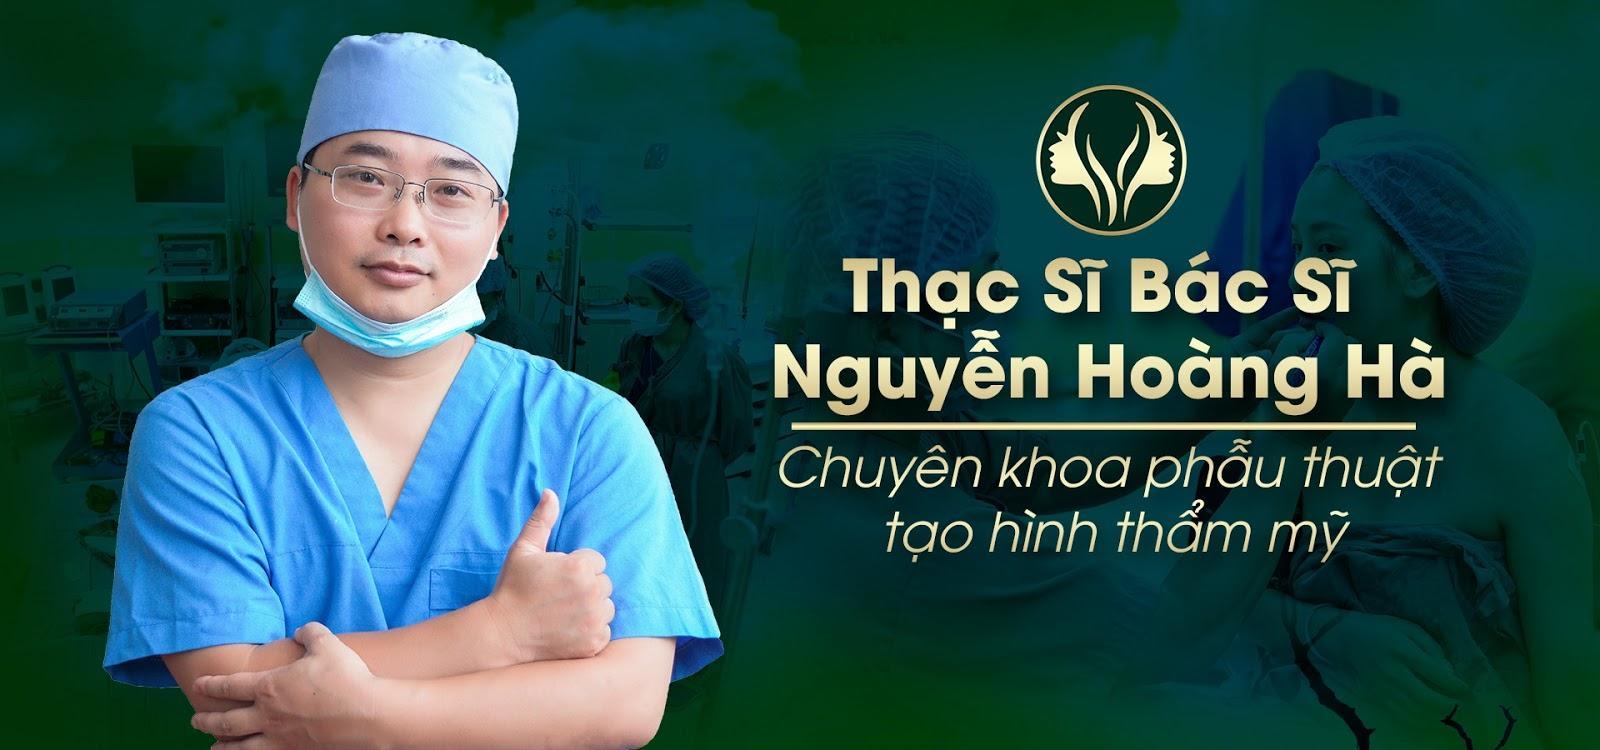 Thạc sĩ Bác Sĩ Nguyễn Hoàng Hà